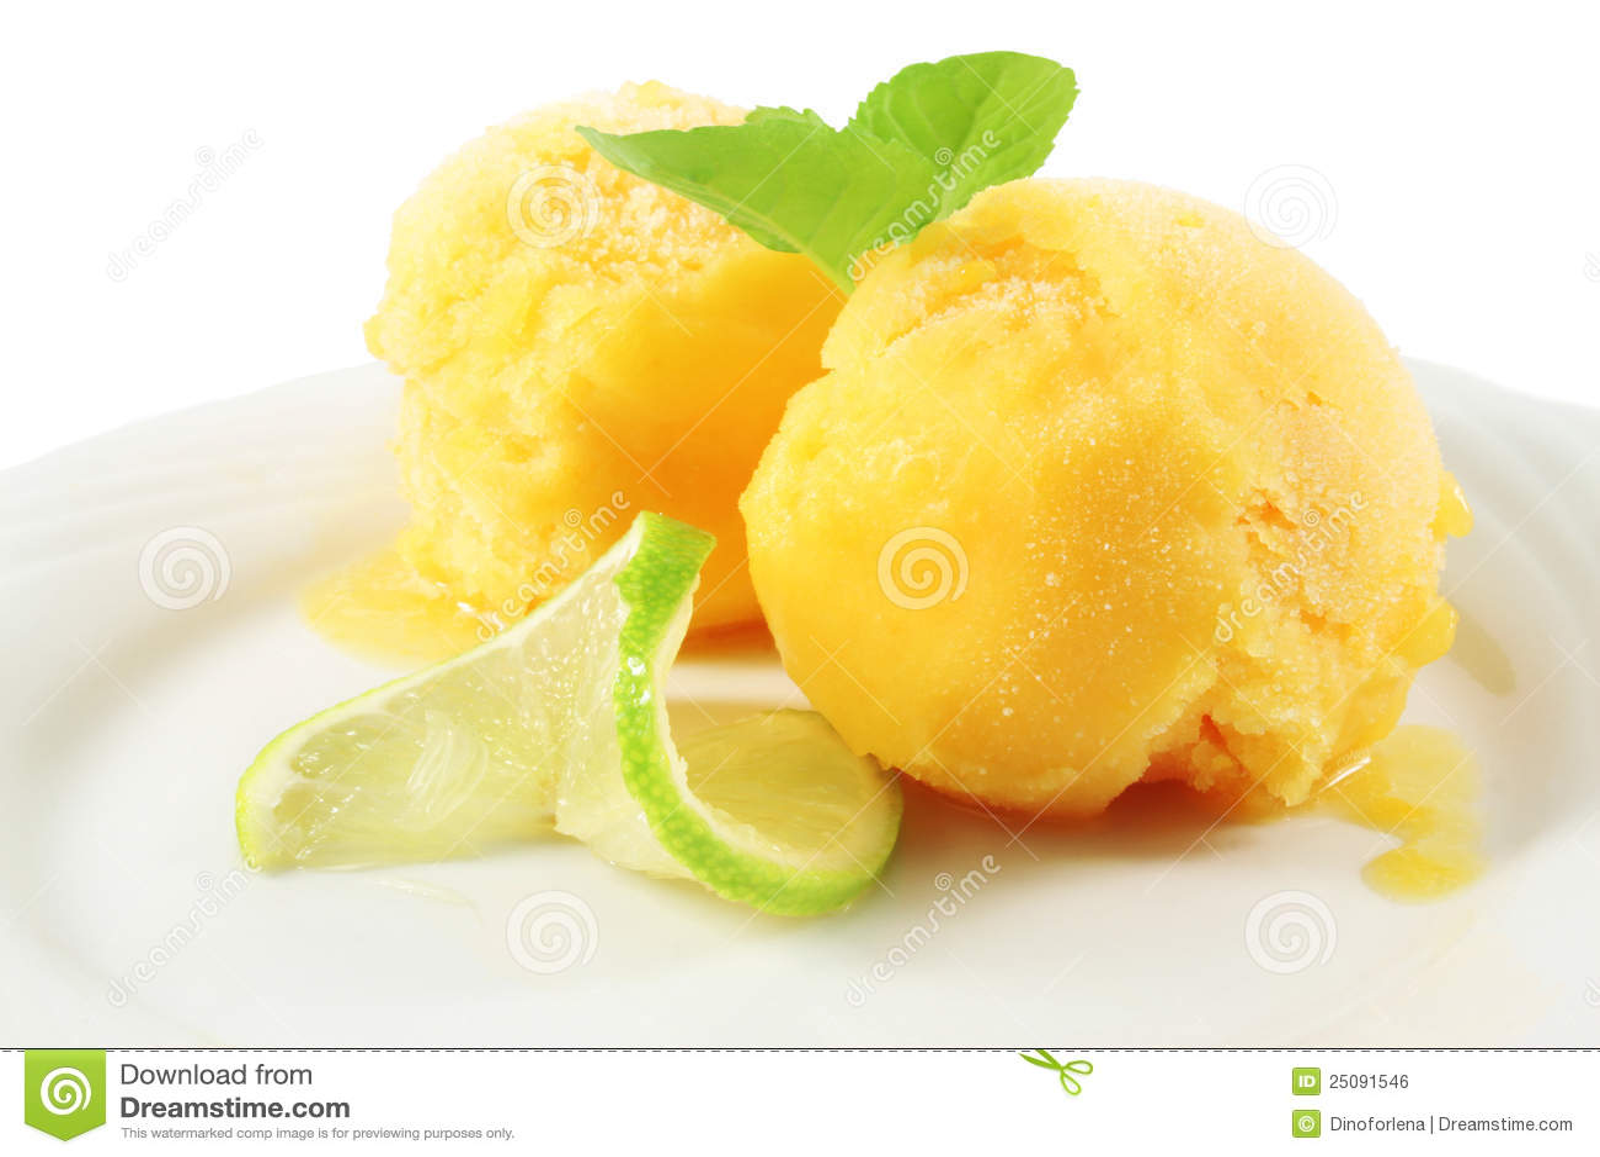 Orange Ice Cream Royalty Free Stock Image - Image: 25091546